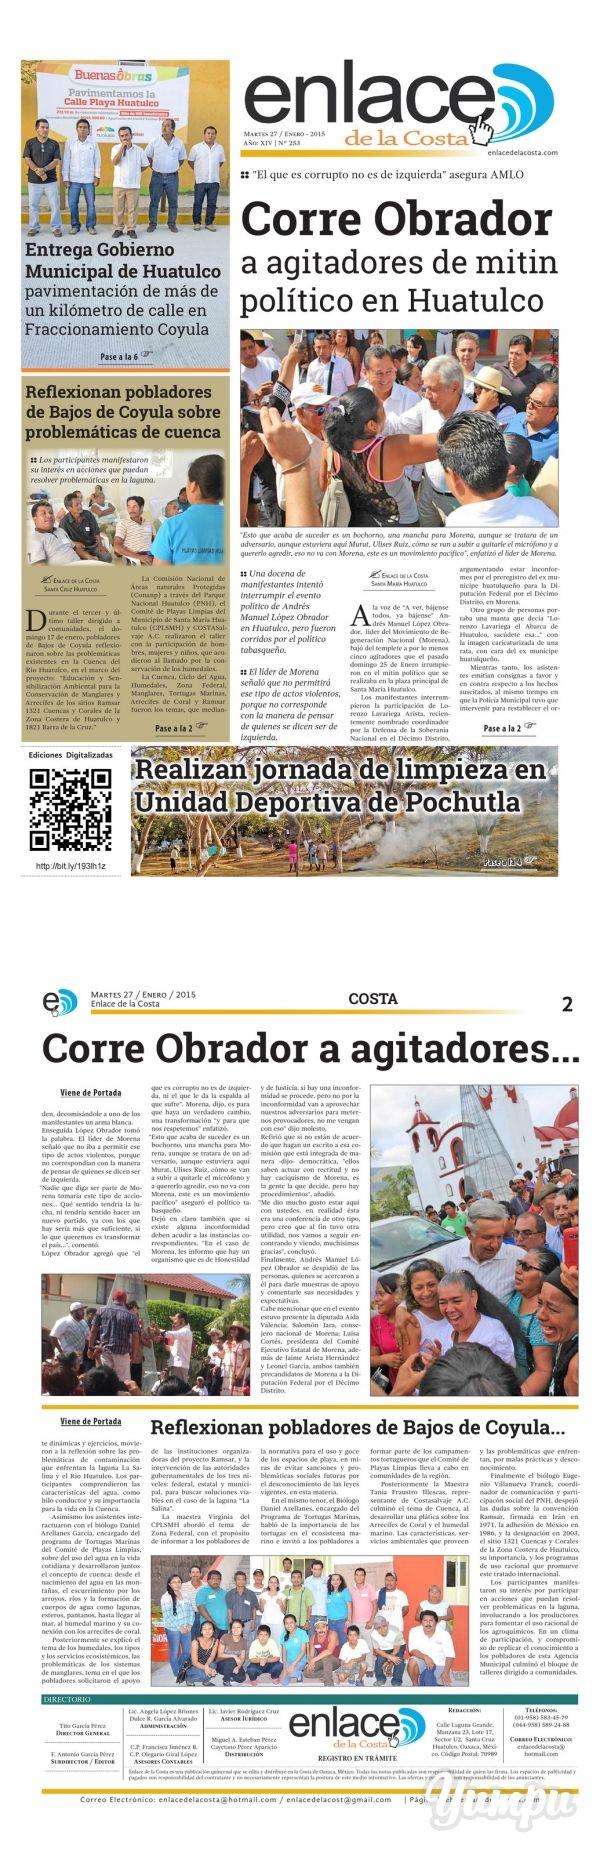 Edición 253; Enlace de la Costa - Magazine with 12 pages: Edición número 253 del periódico Enlace de la Costa, editado y distribuido en la Costa de Oaxaca, con información de la región.